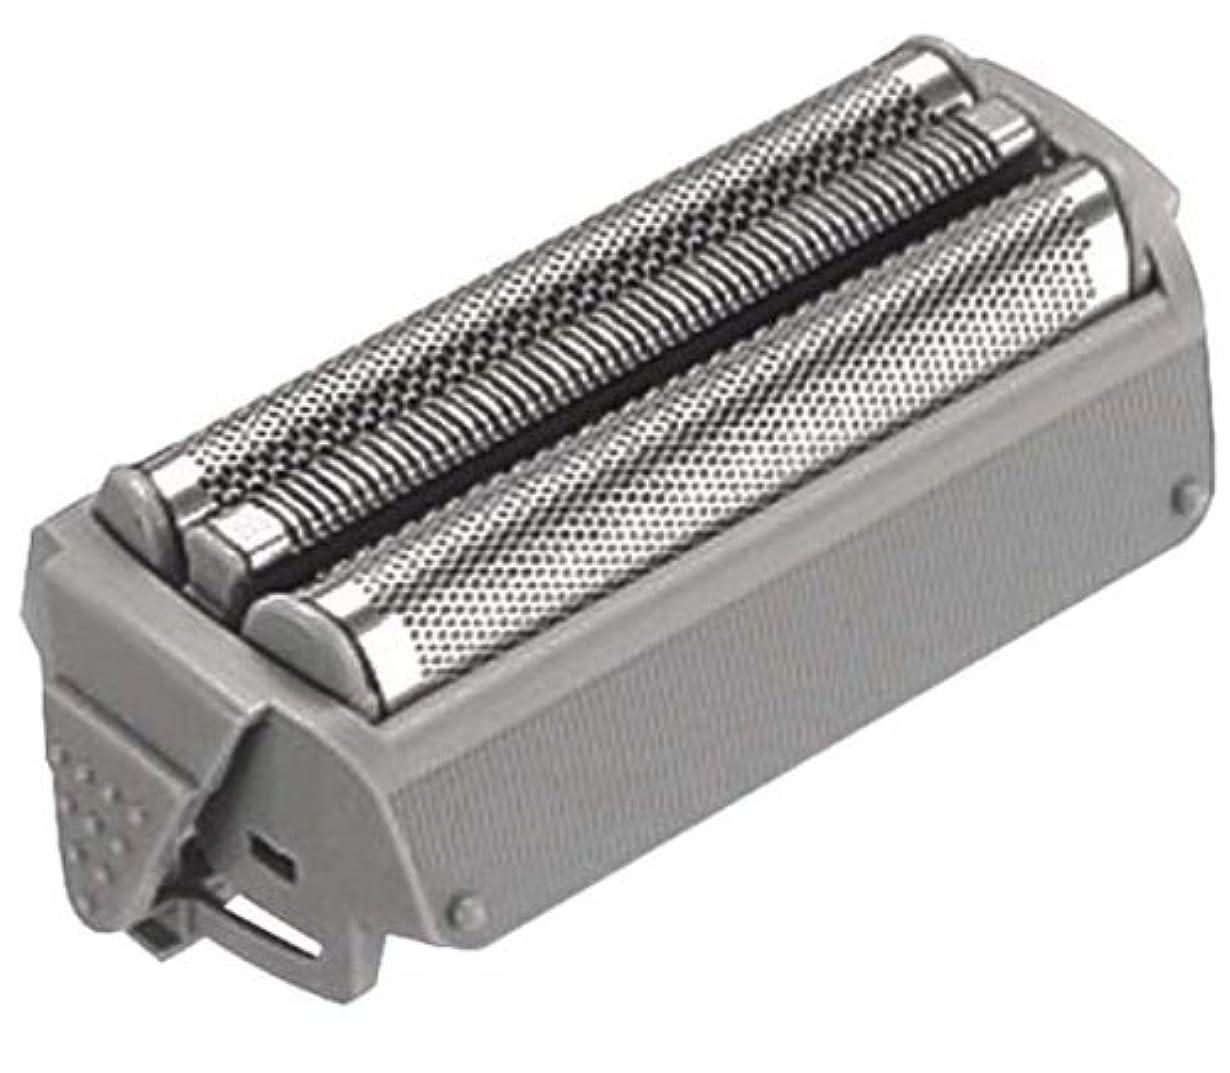 泣き叫ぶかき混ぜる賢明なパナソニック 替刃 メンズシェーバー用 外刃 ES9077